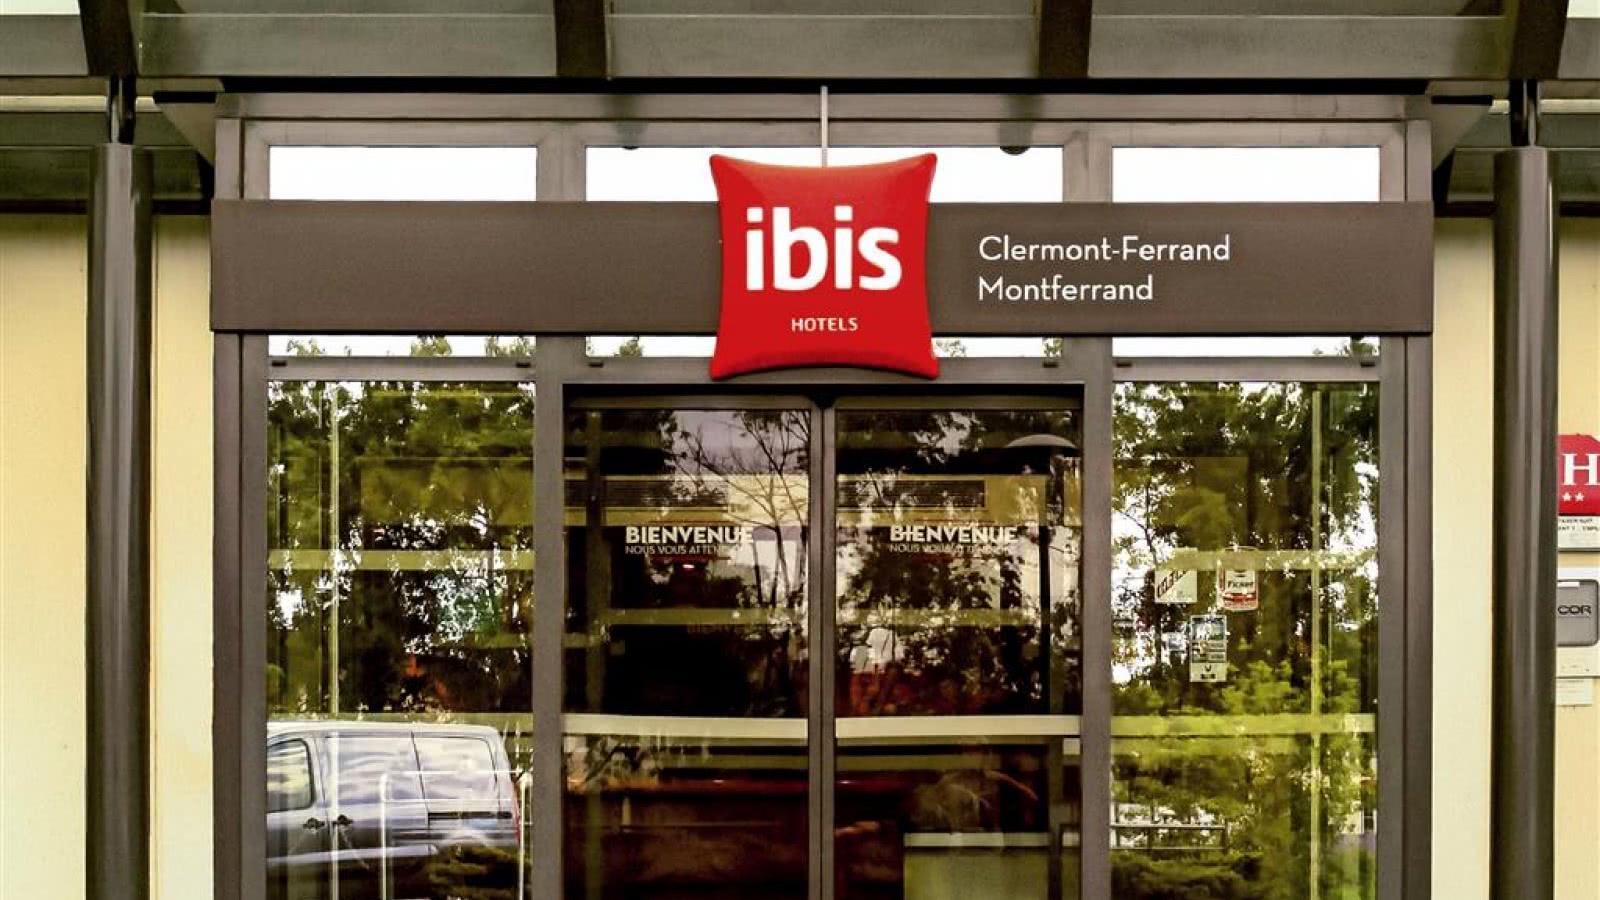 Hôtel Ibis  Clermont-Fd Montferrand